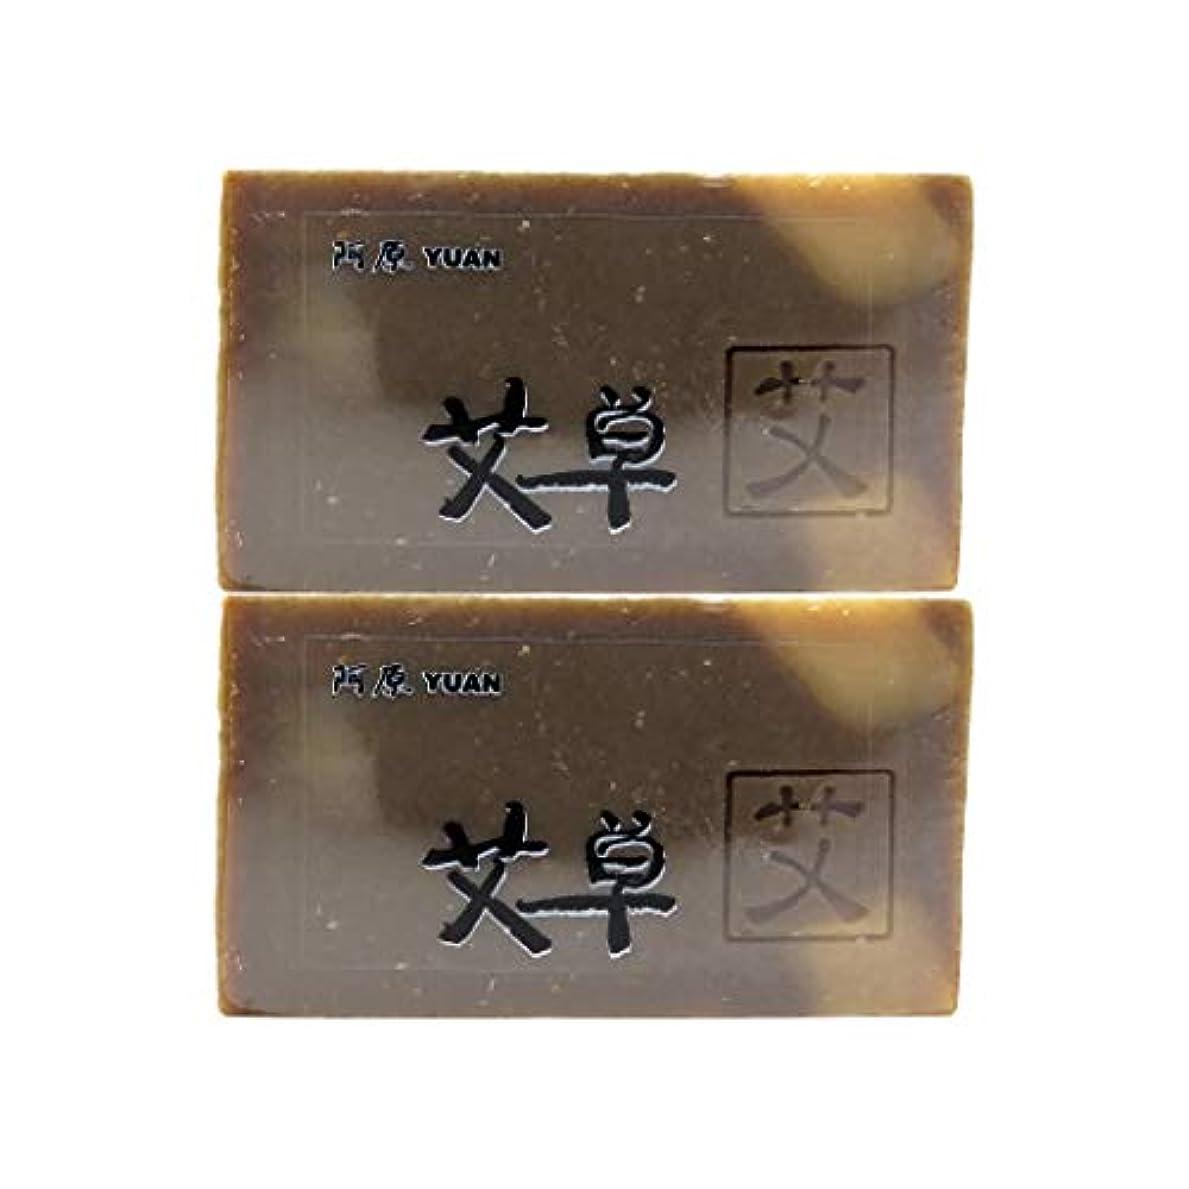 キネマティクス篭過ちユアン(YUAN) ヨモギソープ 100g (2個セット)